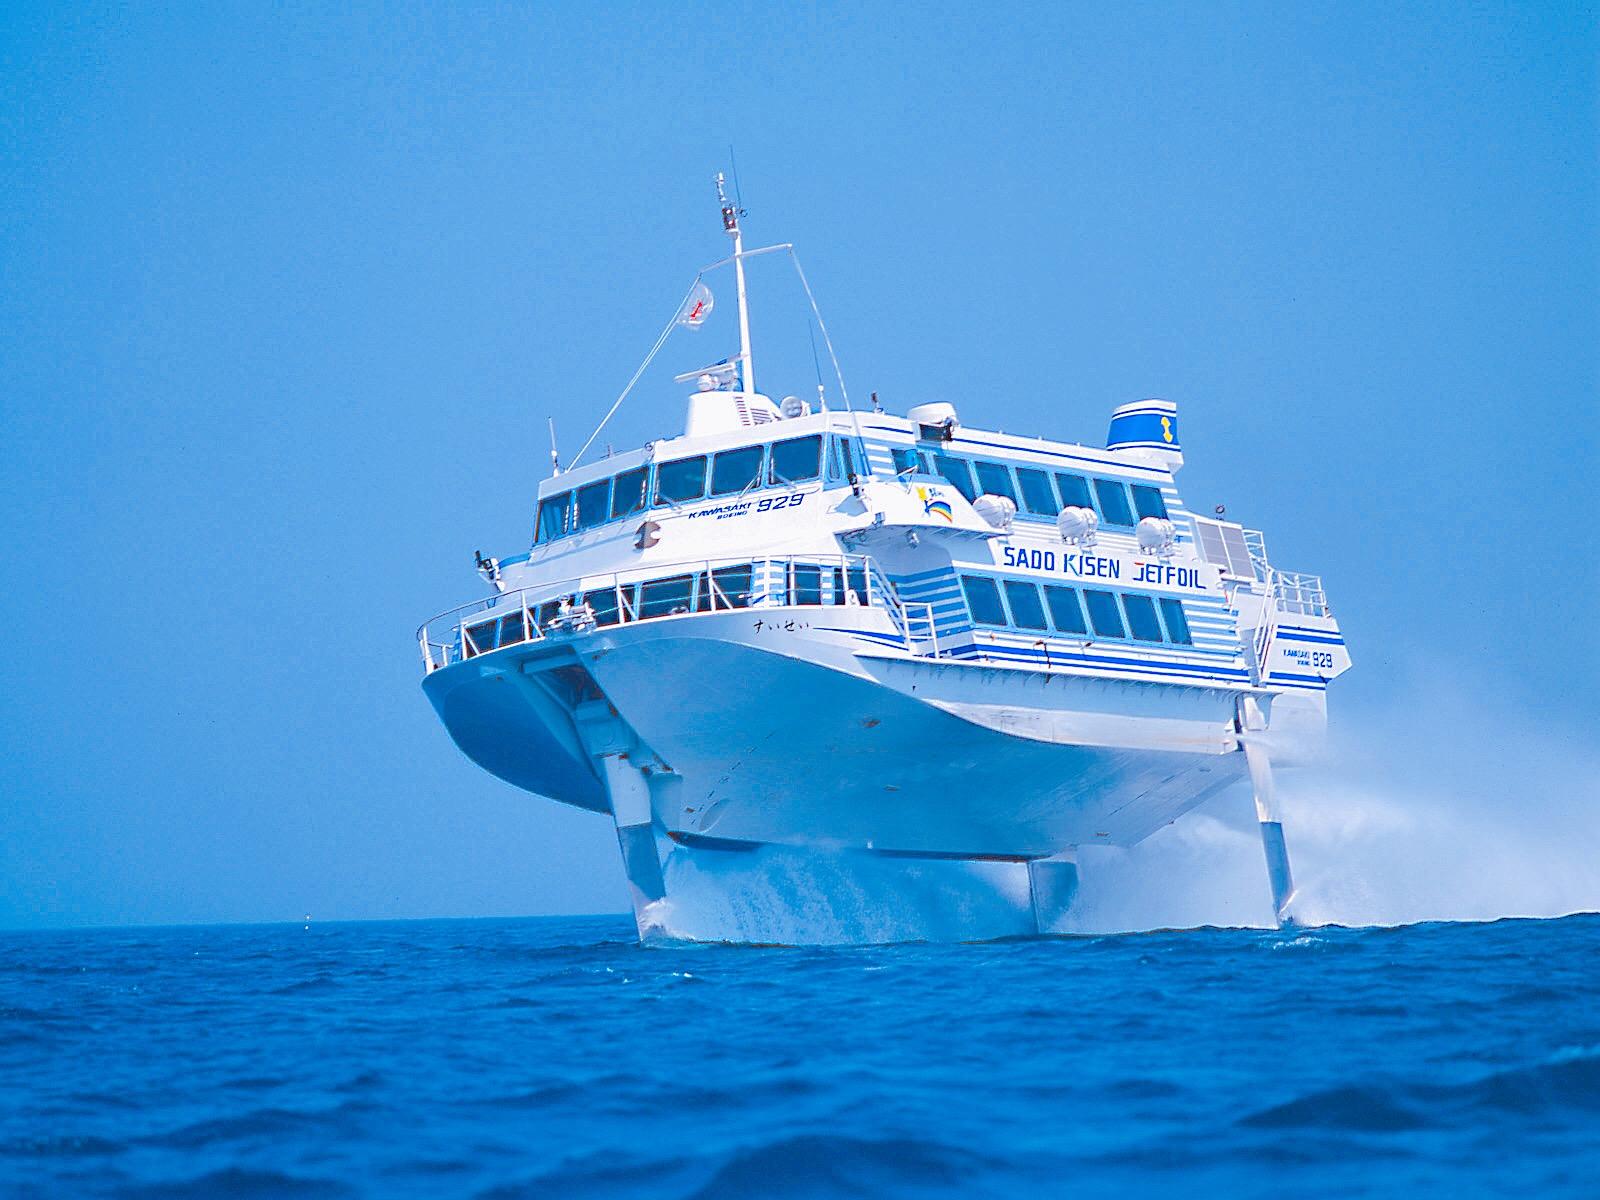 佐渡 汽船 ジェットフォイル 佐渡汽船公式サイト 佐渡汽船の公式情報を提供しています。